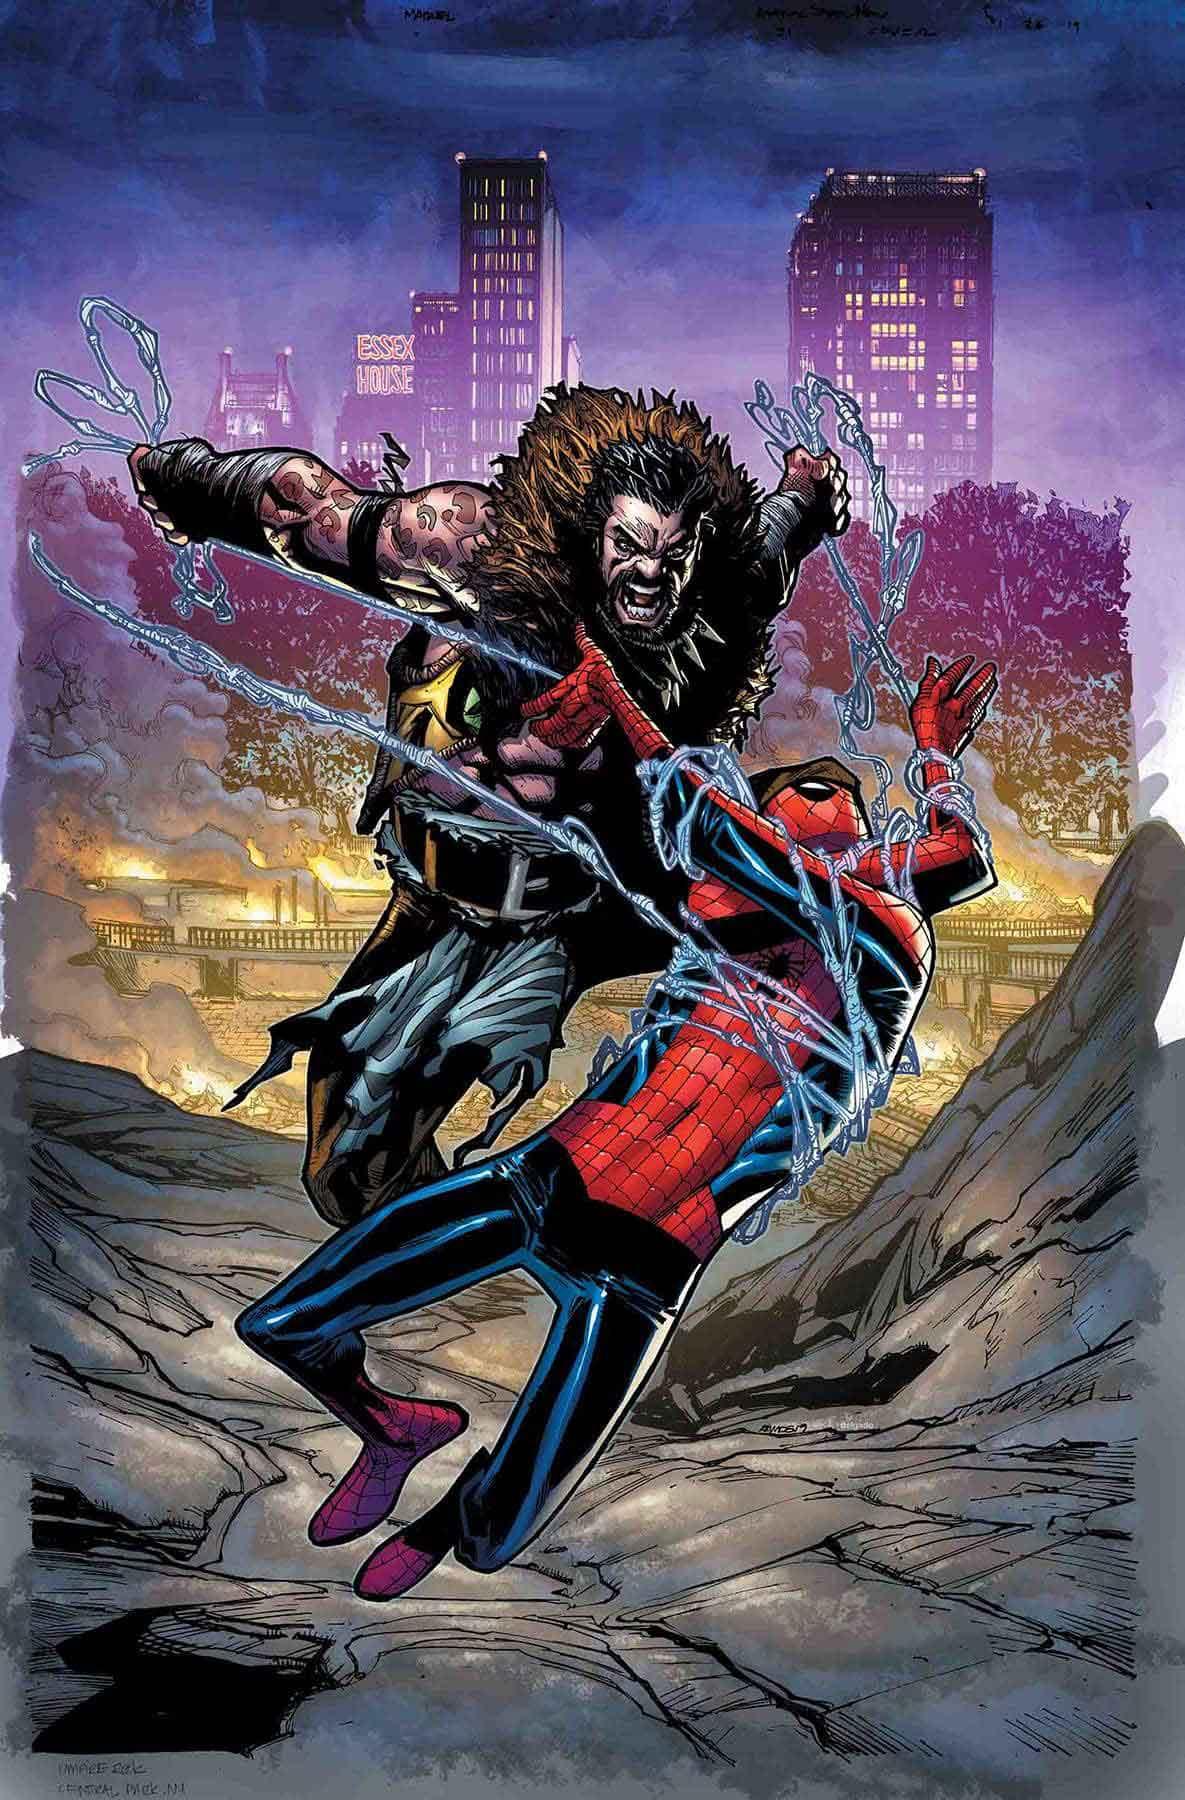 El Asombroso Spiderman 8